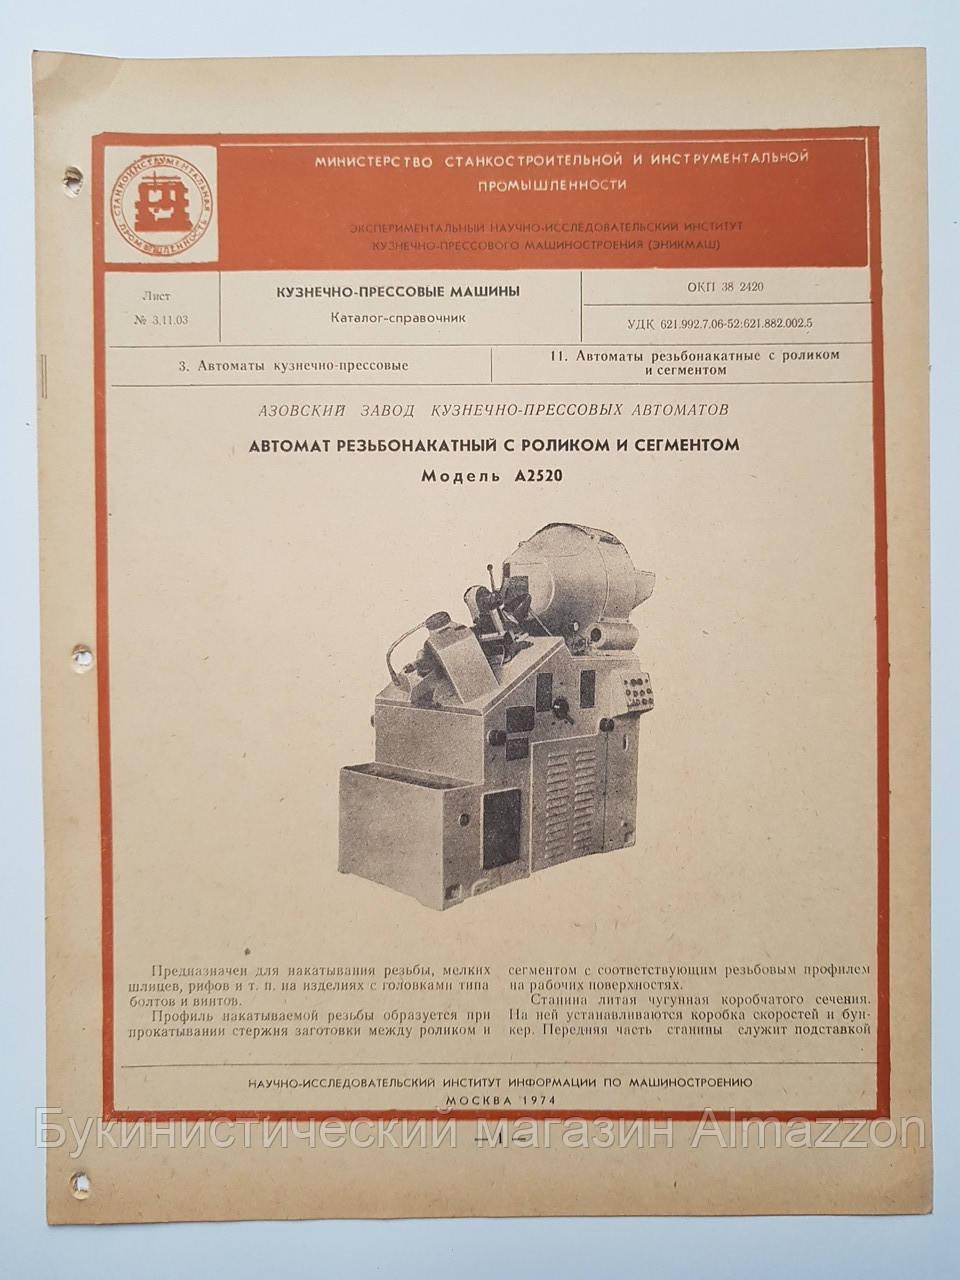 Журнал (Бюллетень) Автомат резьбонакатный с роликом и сегментом А2520  3.11.03